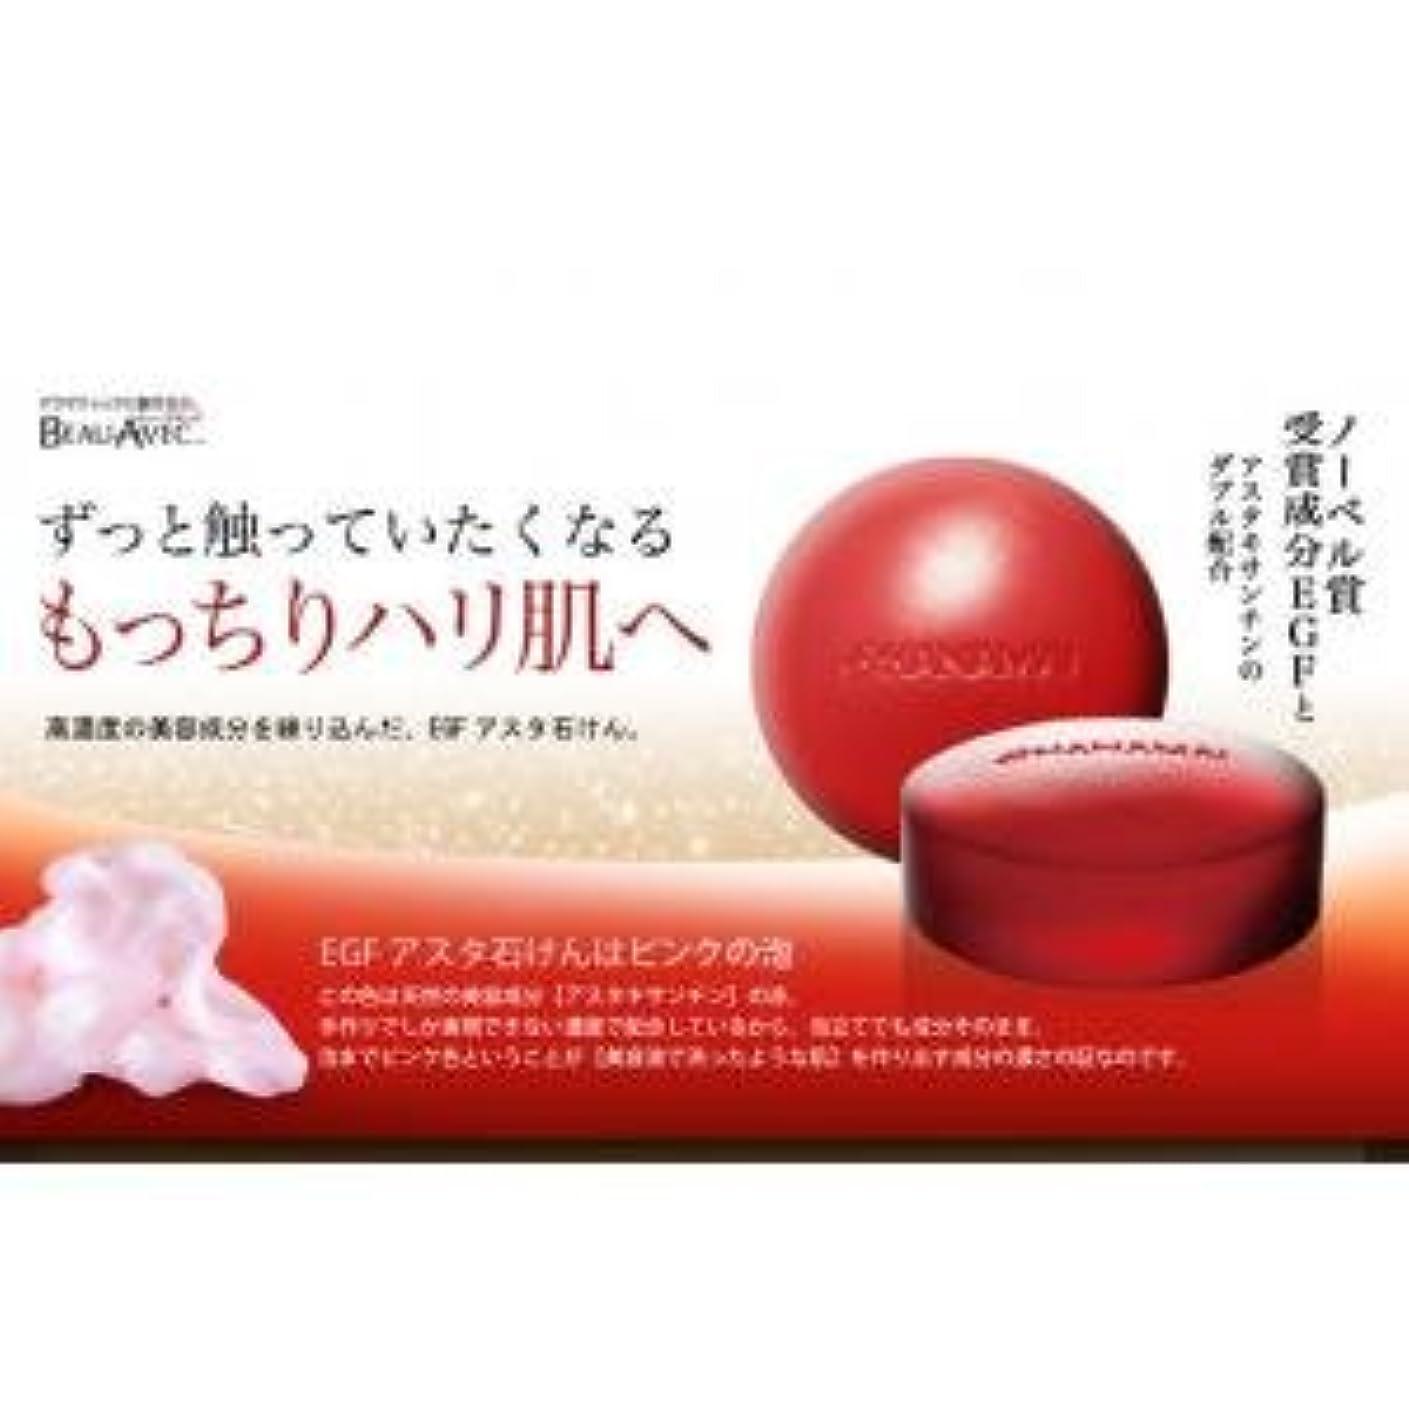 美容成分の洗顔石鹸 AFC(エーエフシー) HMB18 EGF アスタ石けん